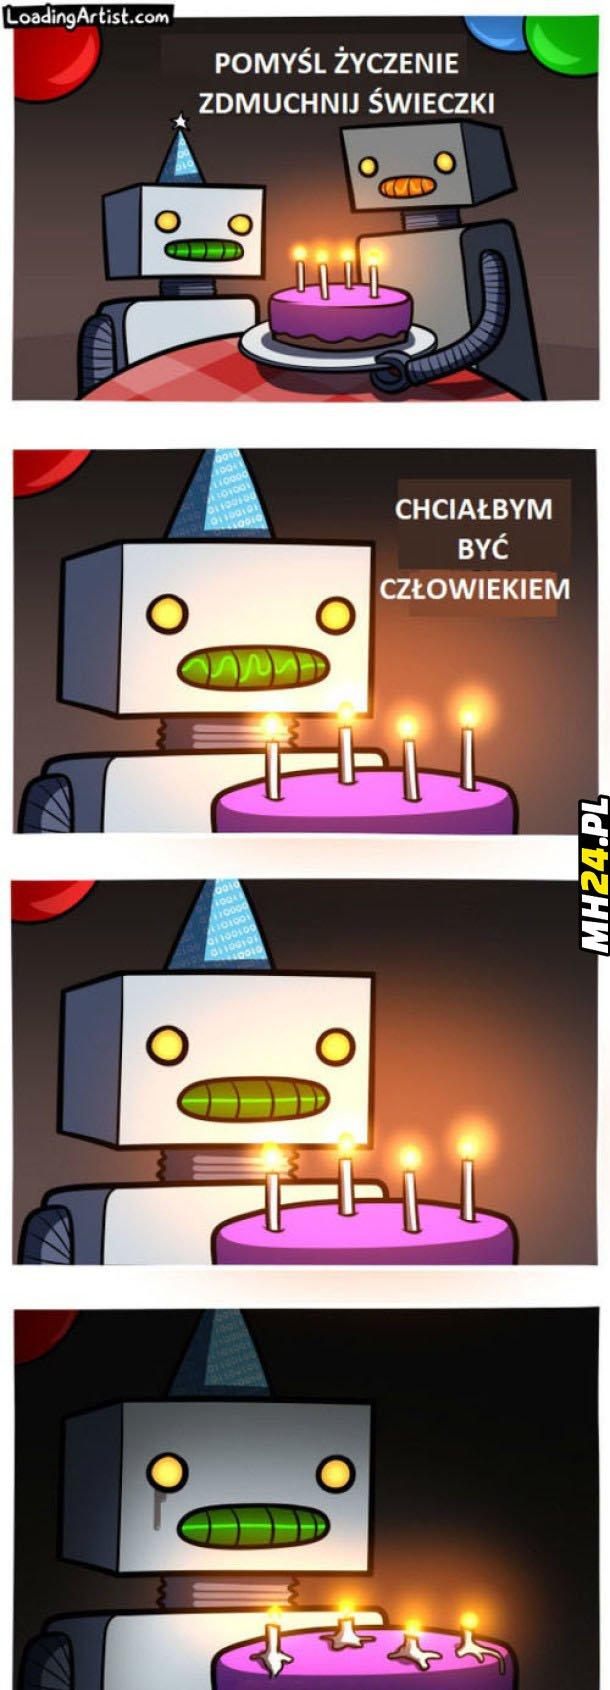 Pomyśl życzenie…